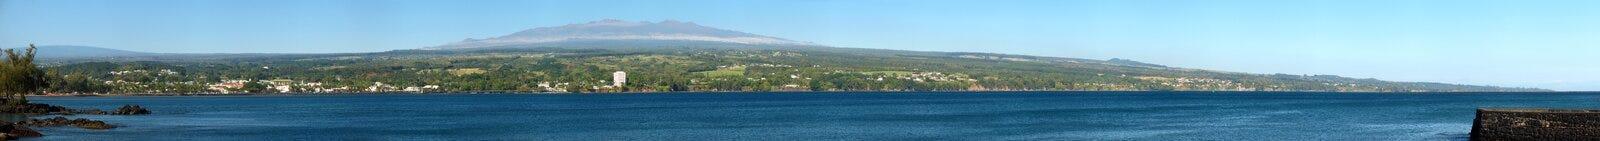 Mauna Kea Panorama lizenzfreies stockbild